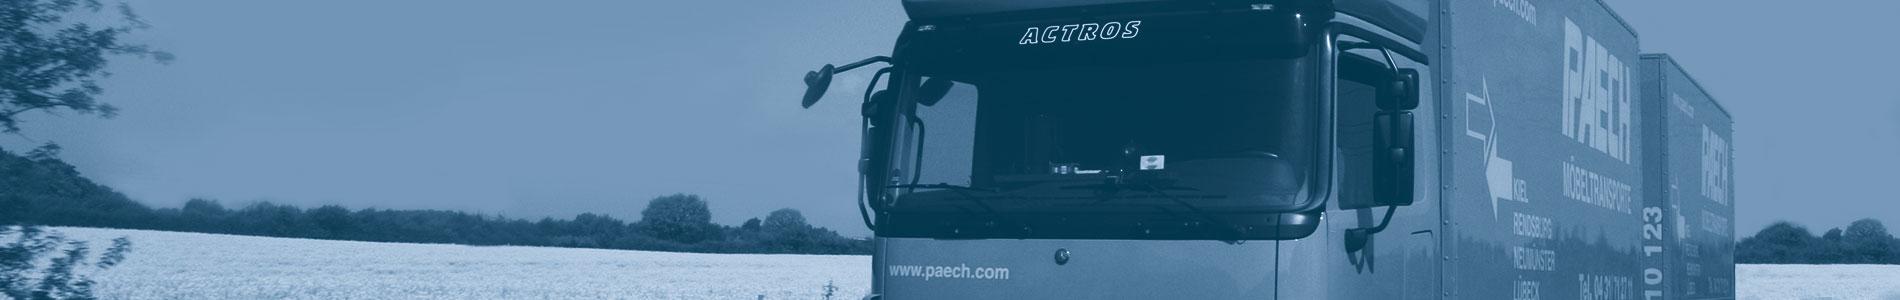 Ute Paech GmbH & Co. KG - Flytta privat